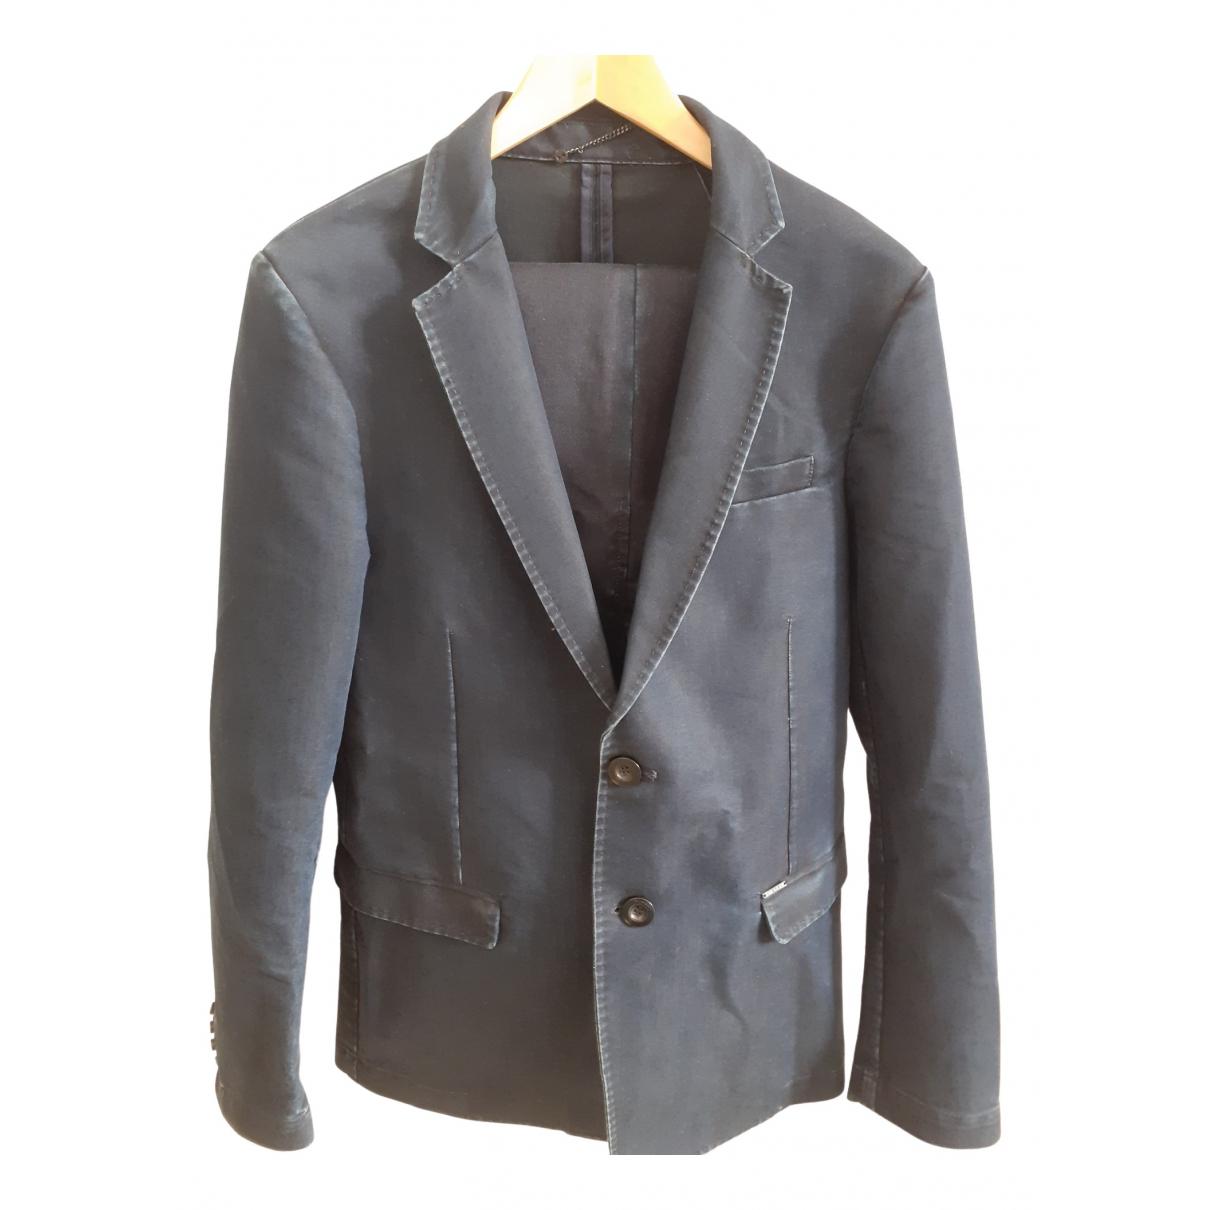 Diesel - Costumes   pour homme en coton - bleu